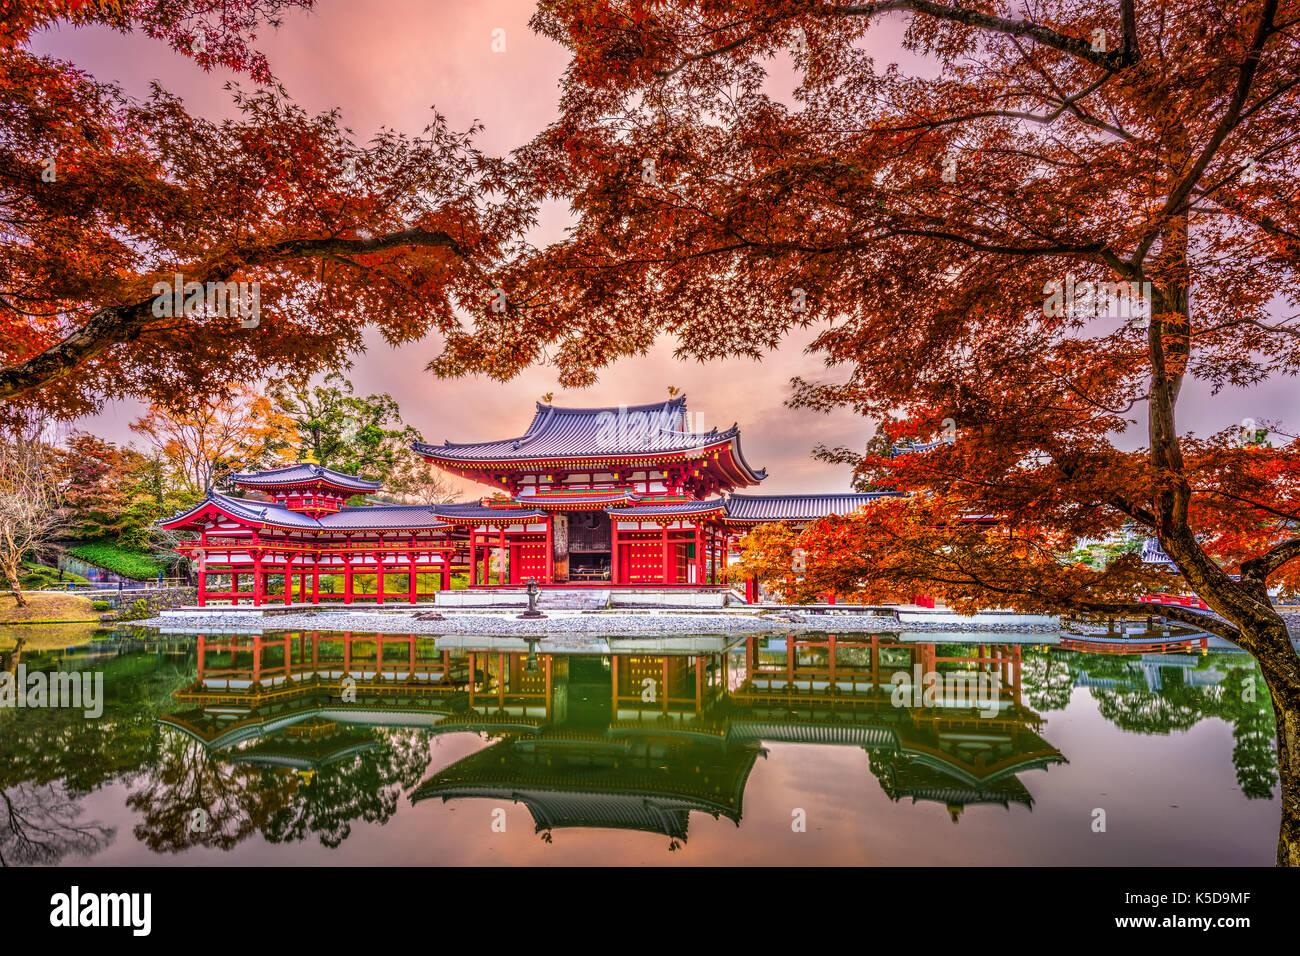 Uji, Kyoto, Japan auf dem Byodoin-schrein Tempel während der Herbstsaison. Stockbild